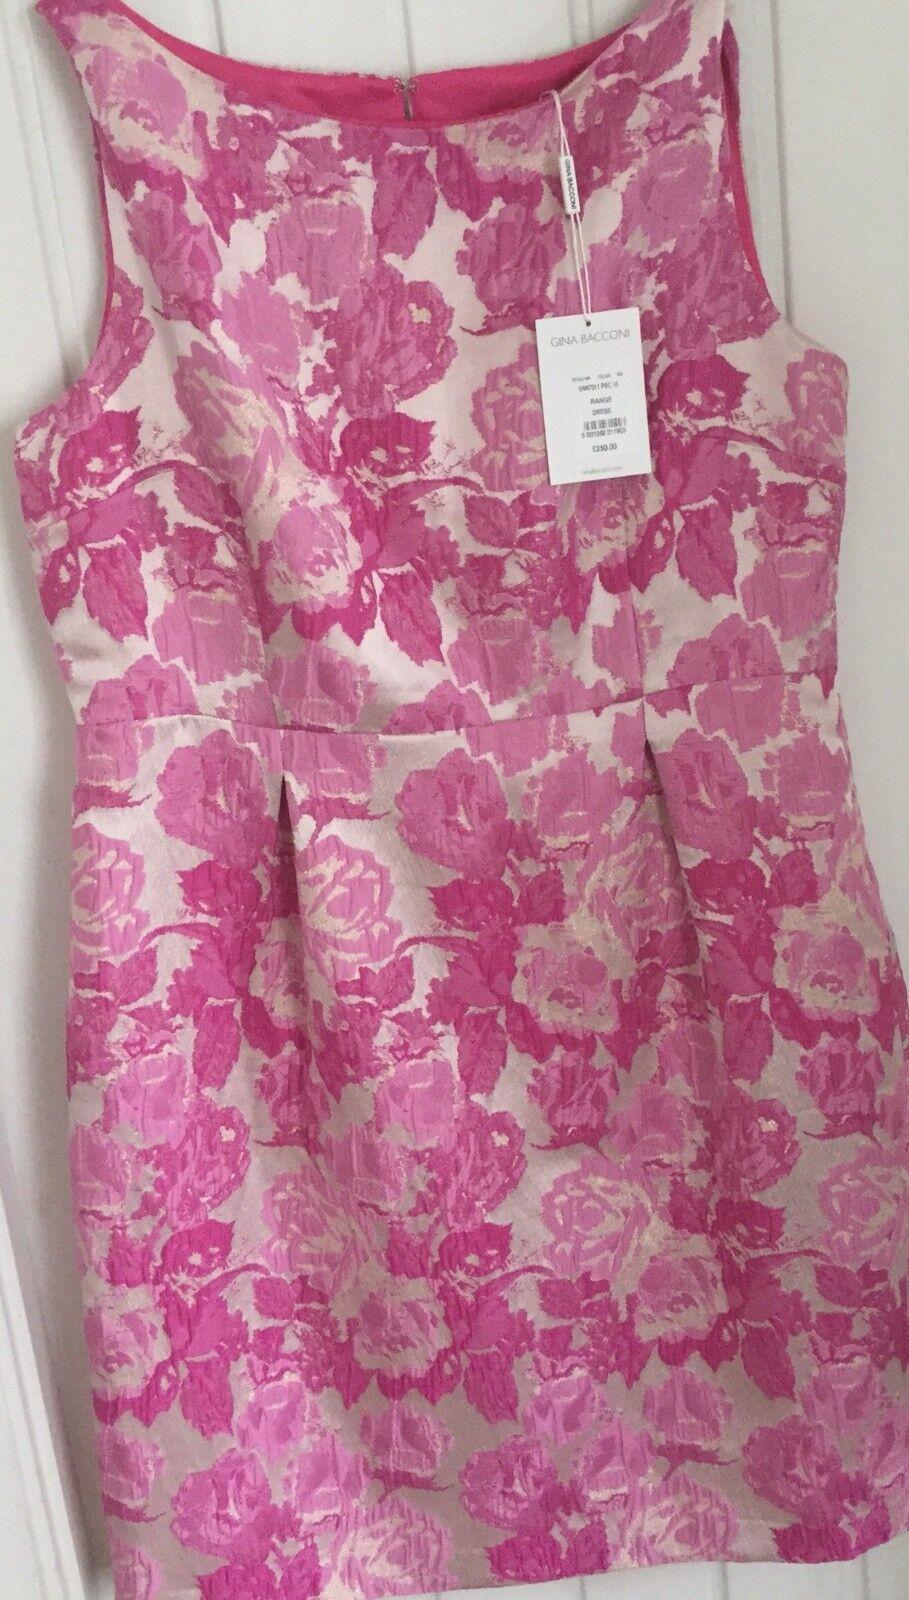 Gamme Gina Bacconi Robe UK 18 NEUF ROSE & BLANC